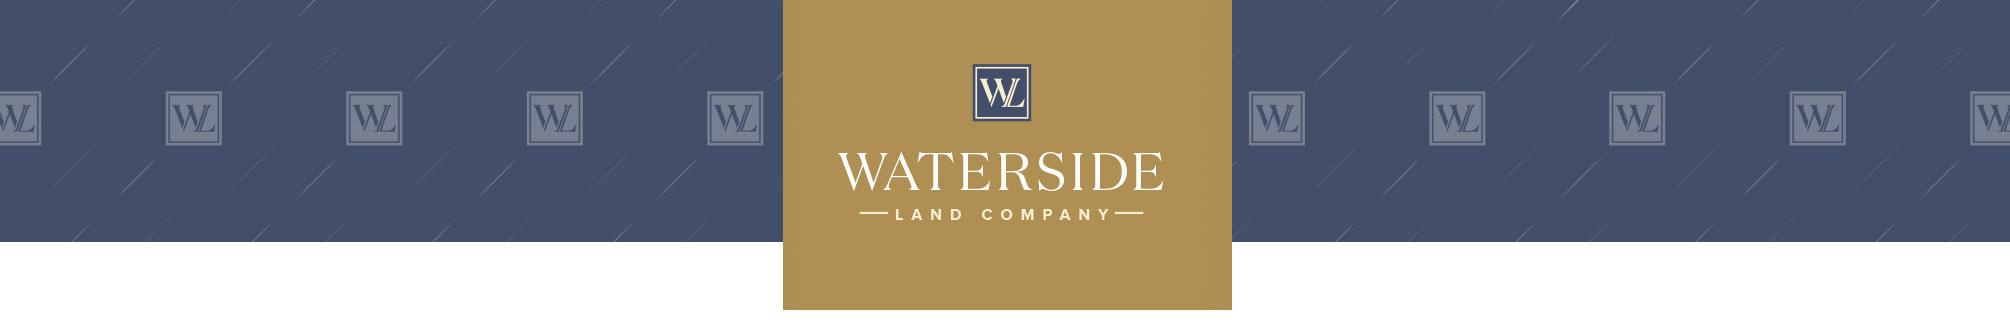 waterside-land-co-header-image-3-2010x330.jpg